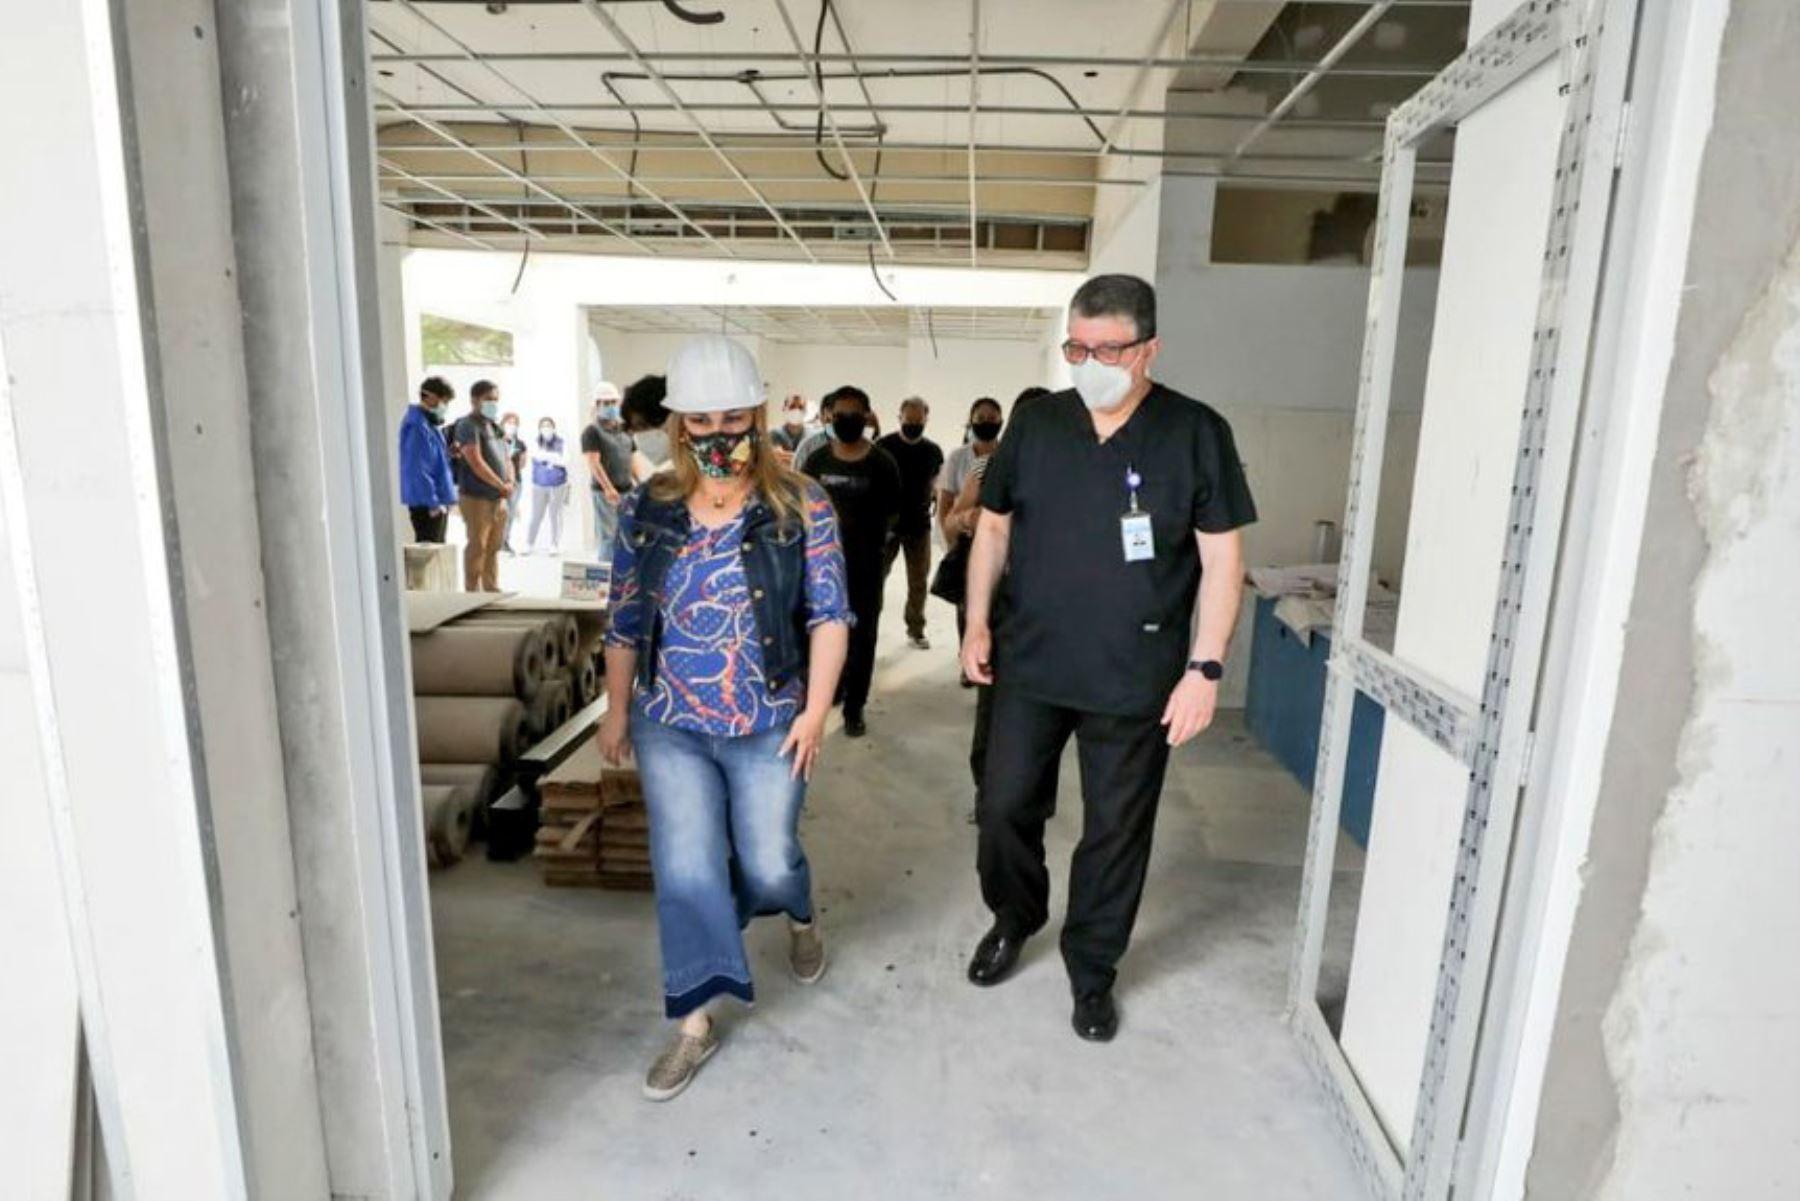 La presidenta ejecutiva de EsSalud, Fiorella Molinelli visita la antigua emergencia del hospital Alcántara para supervisar los trabajos de mejora que se vienen realizando en sus instalaciones, en beneficio de más de 276 mil asegurados. Foto: EsSalud